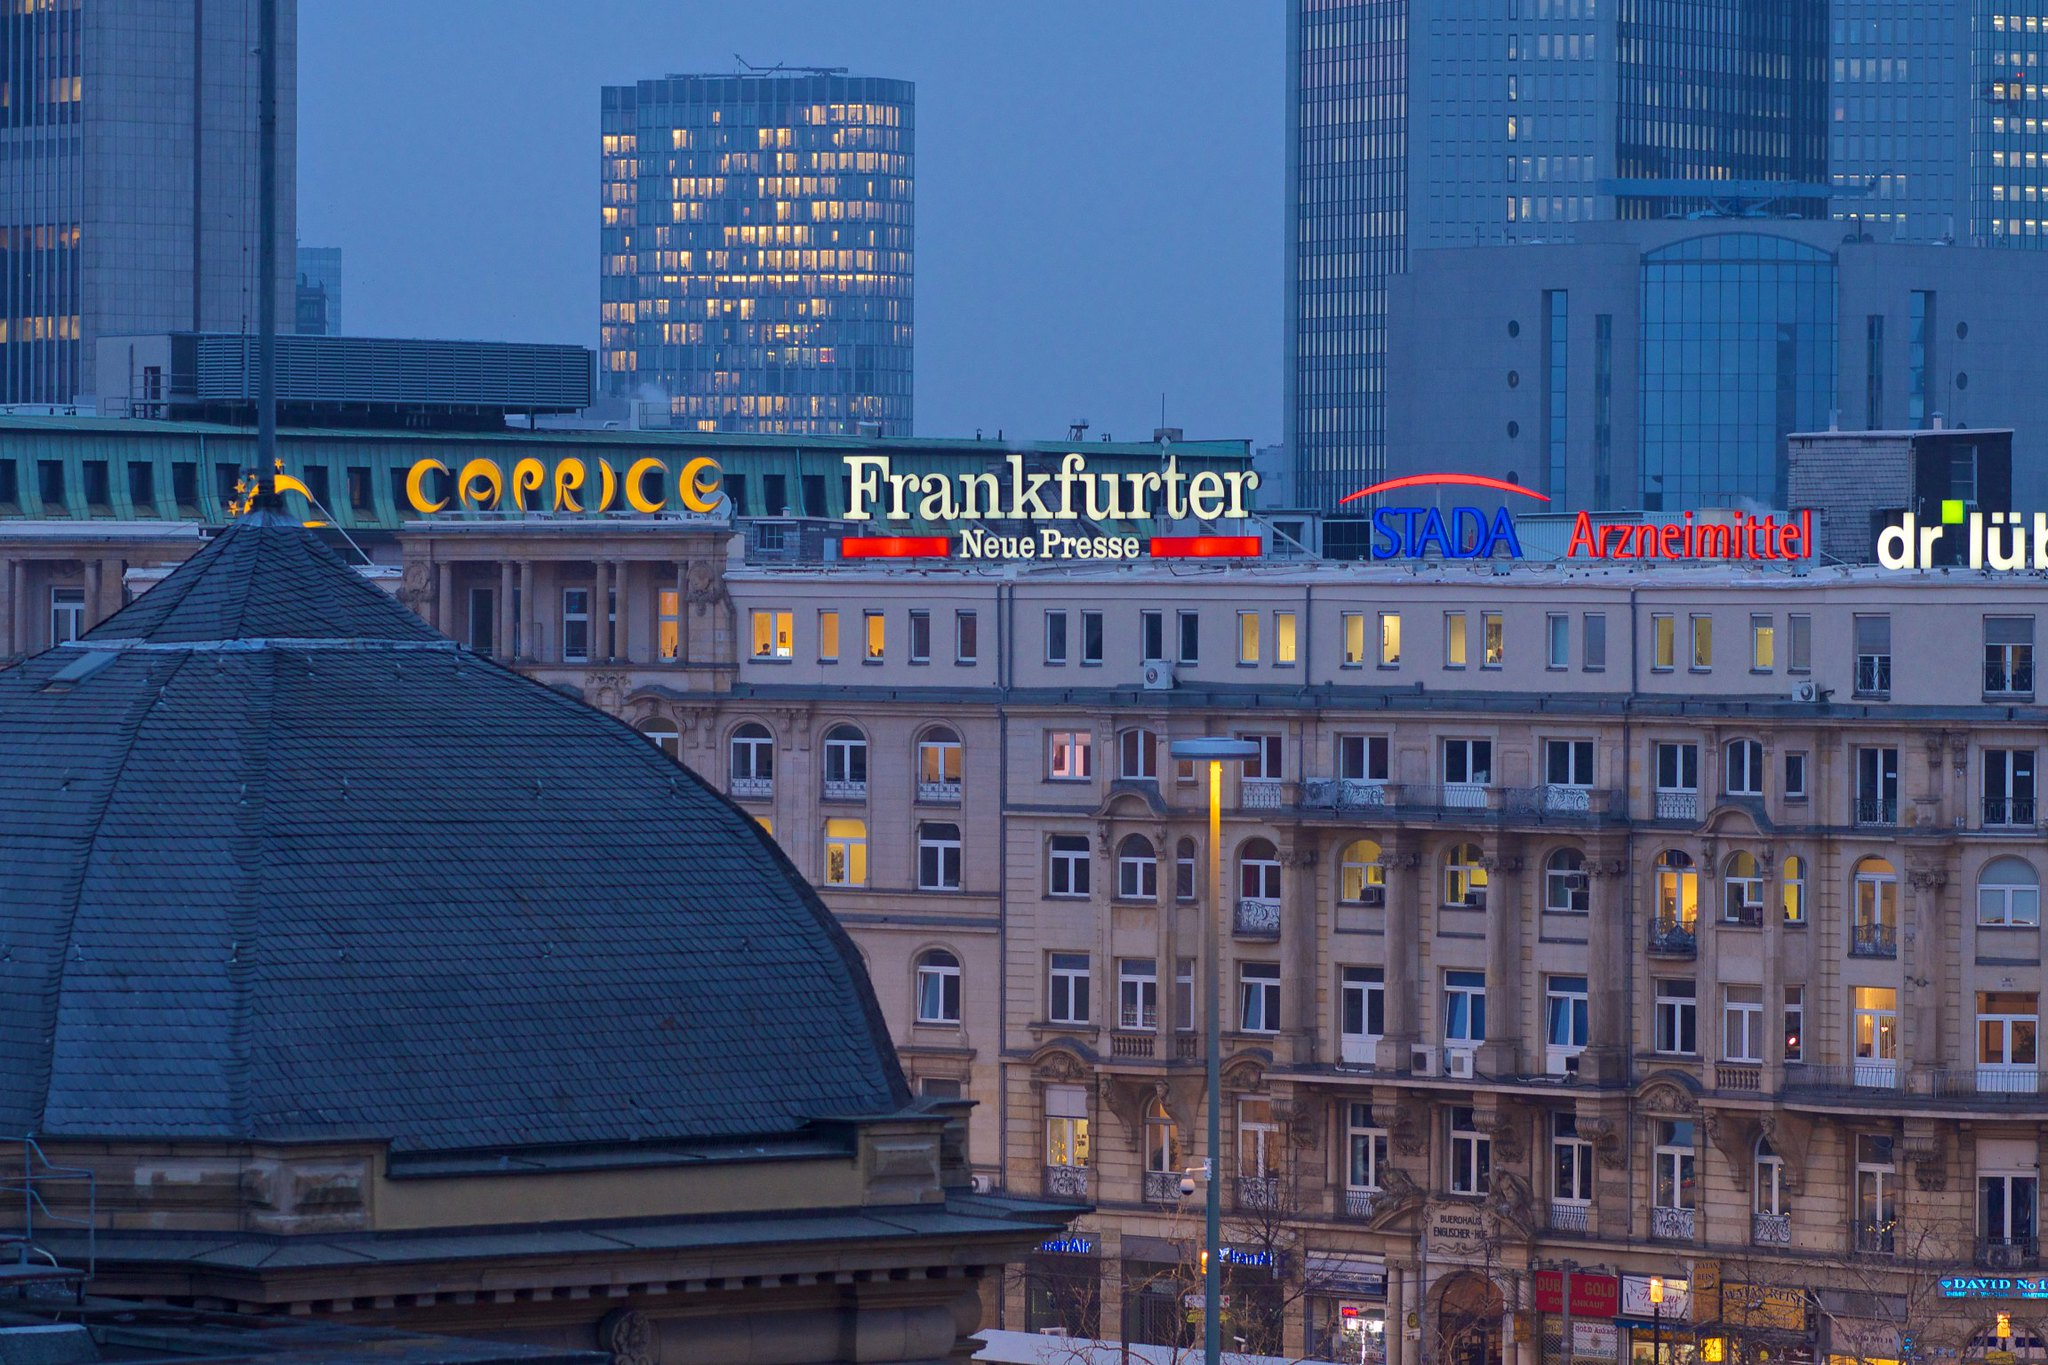 Hotel Excelsior Frankfurt Germany